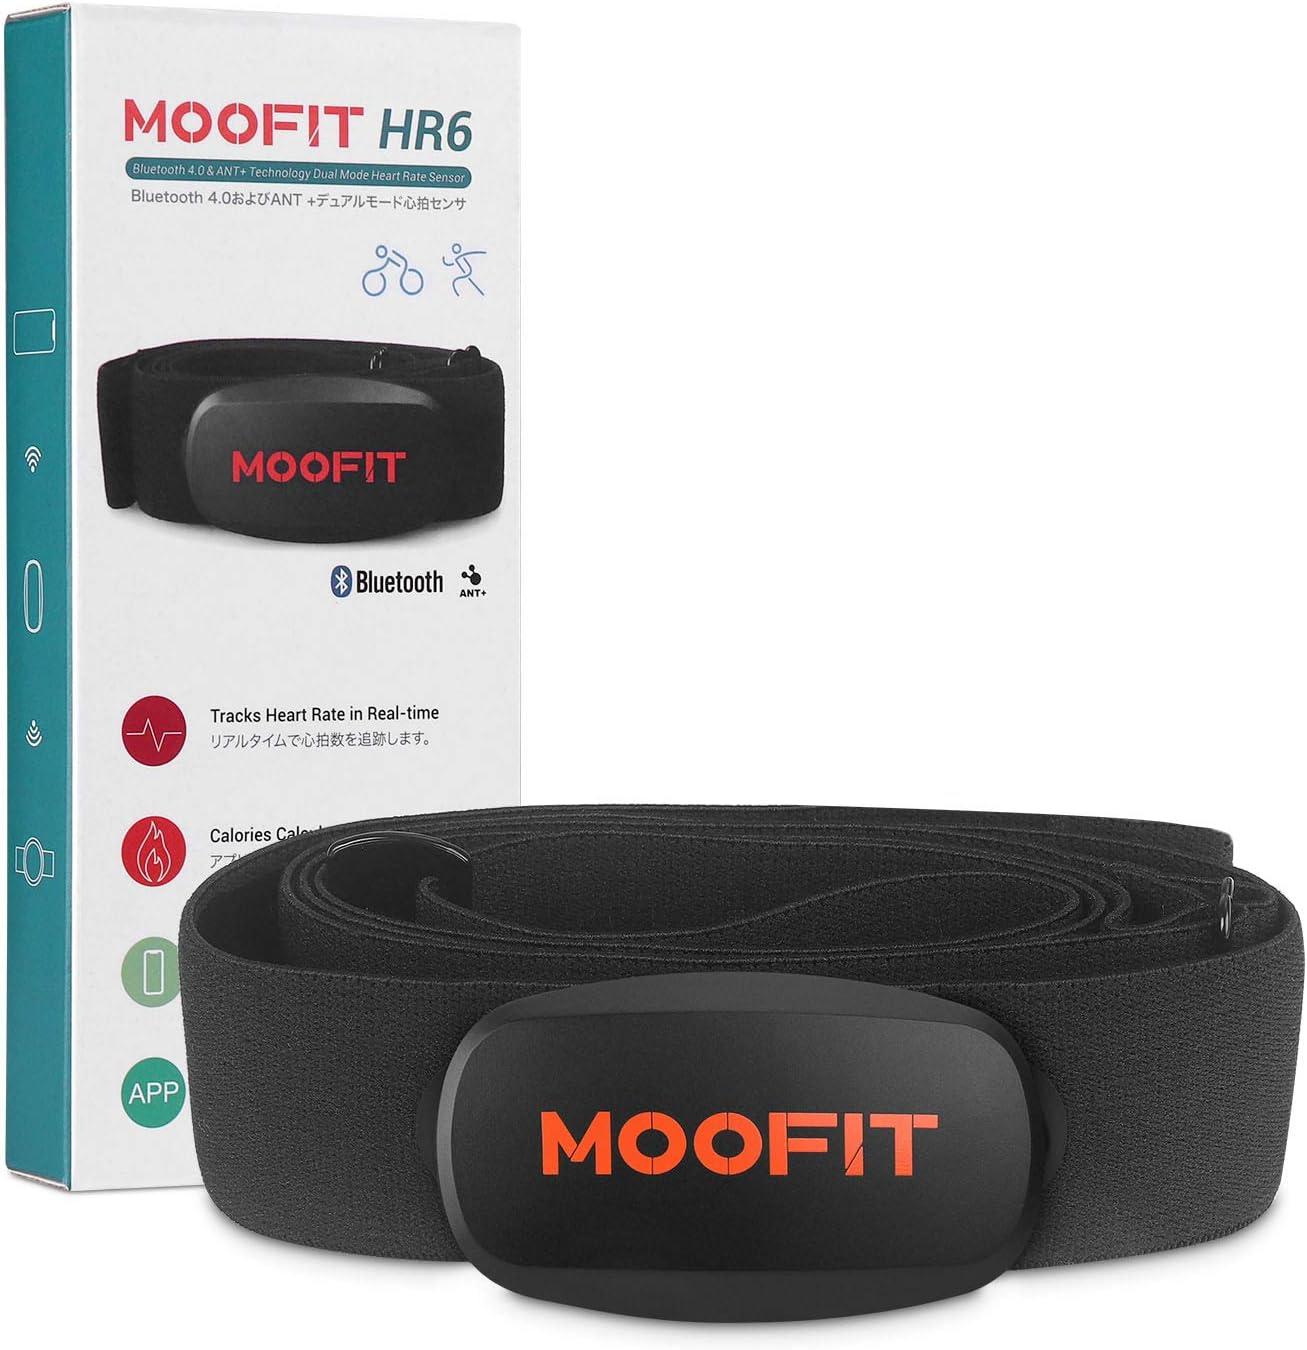 moofit Sensor de Frecuencia Cardíaca Cinta Pulsometro Bluetooth & Ant+ Pulsometro Banda Pectoral Pecho para Zwift, Wahoo, Endomondo, Openrider, Elite hrv App, iCardio: Amazon.es: Deportes y aire libre